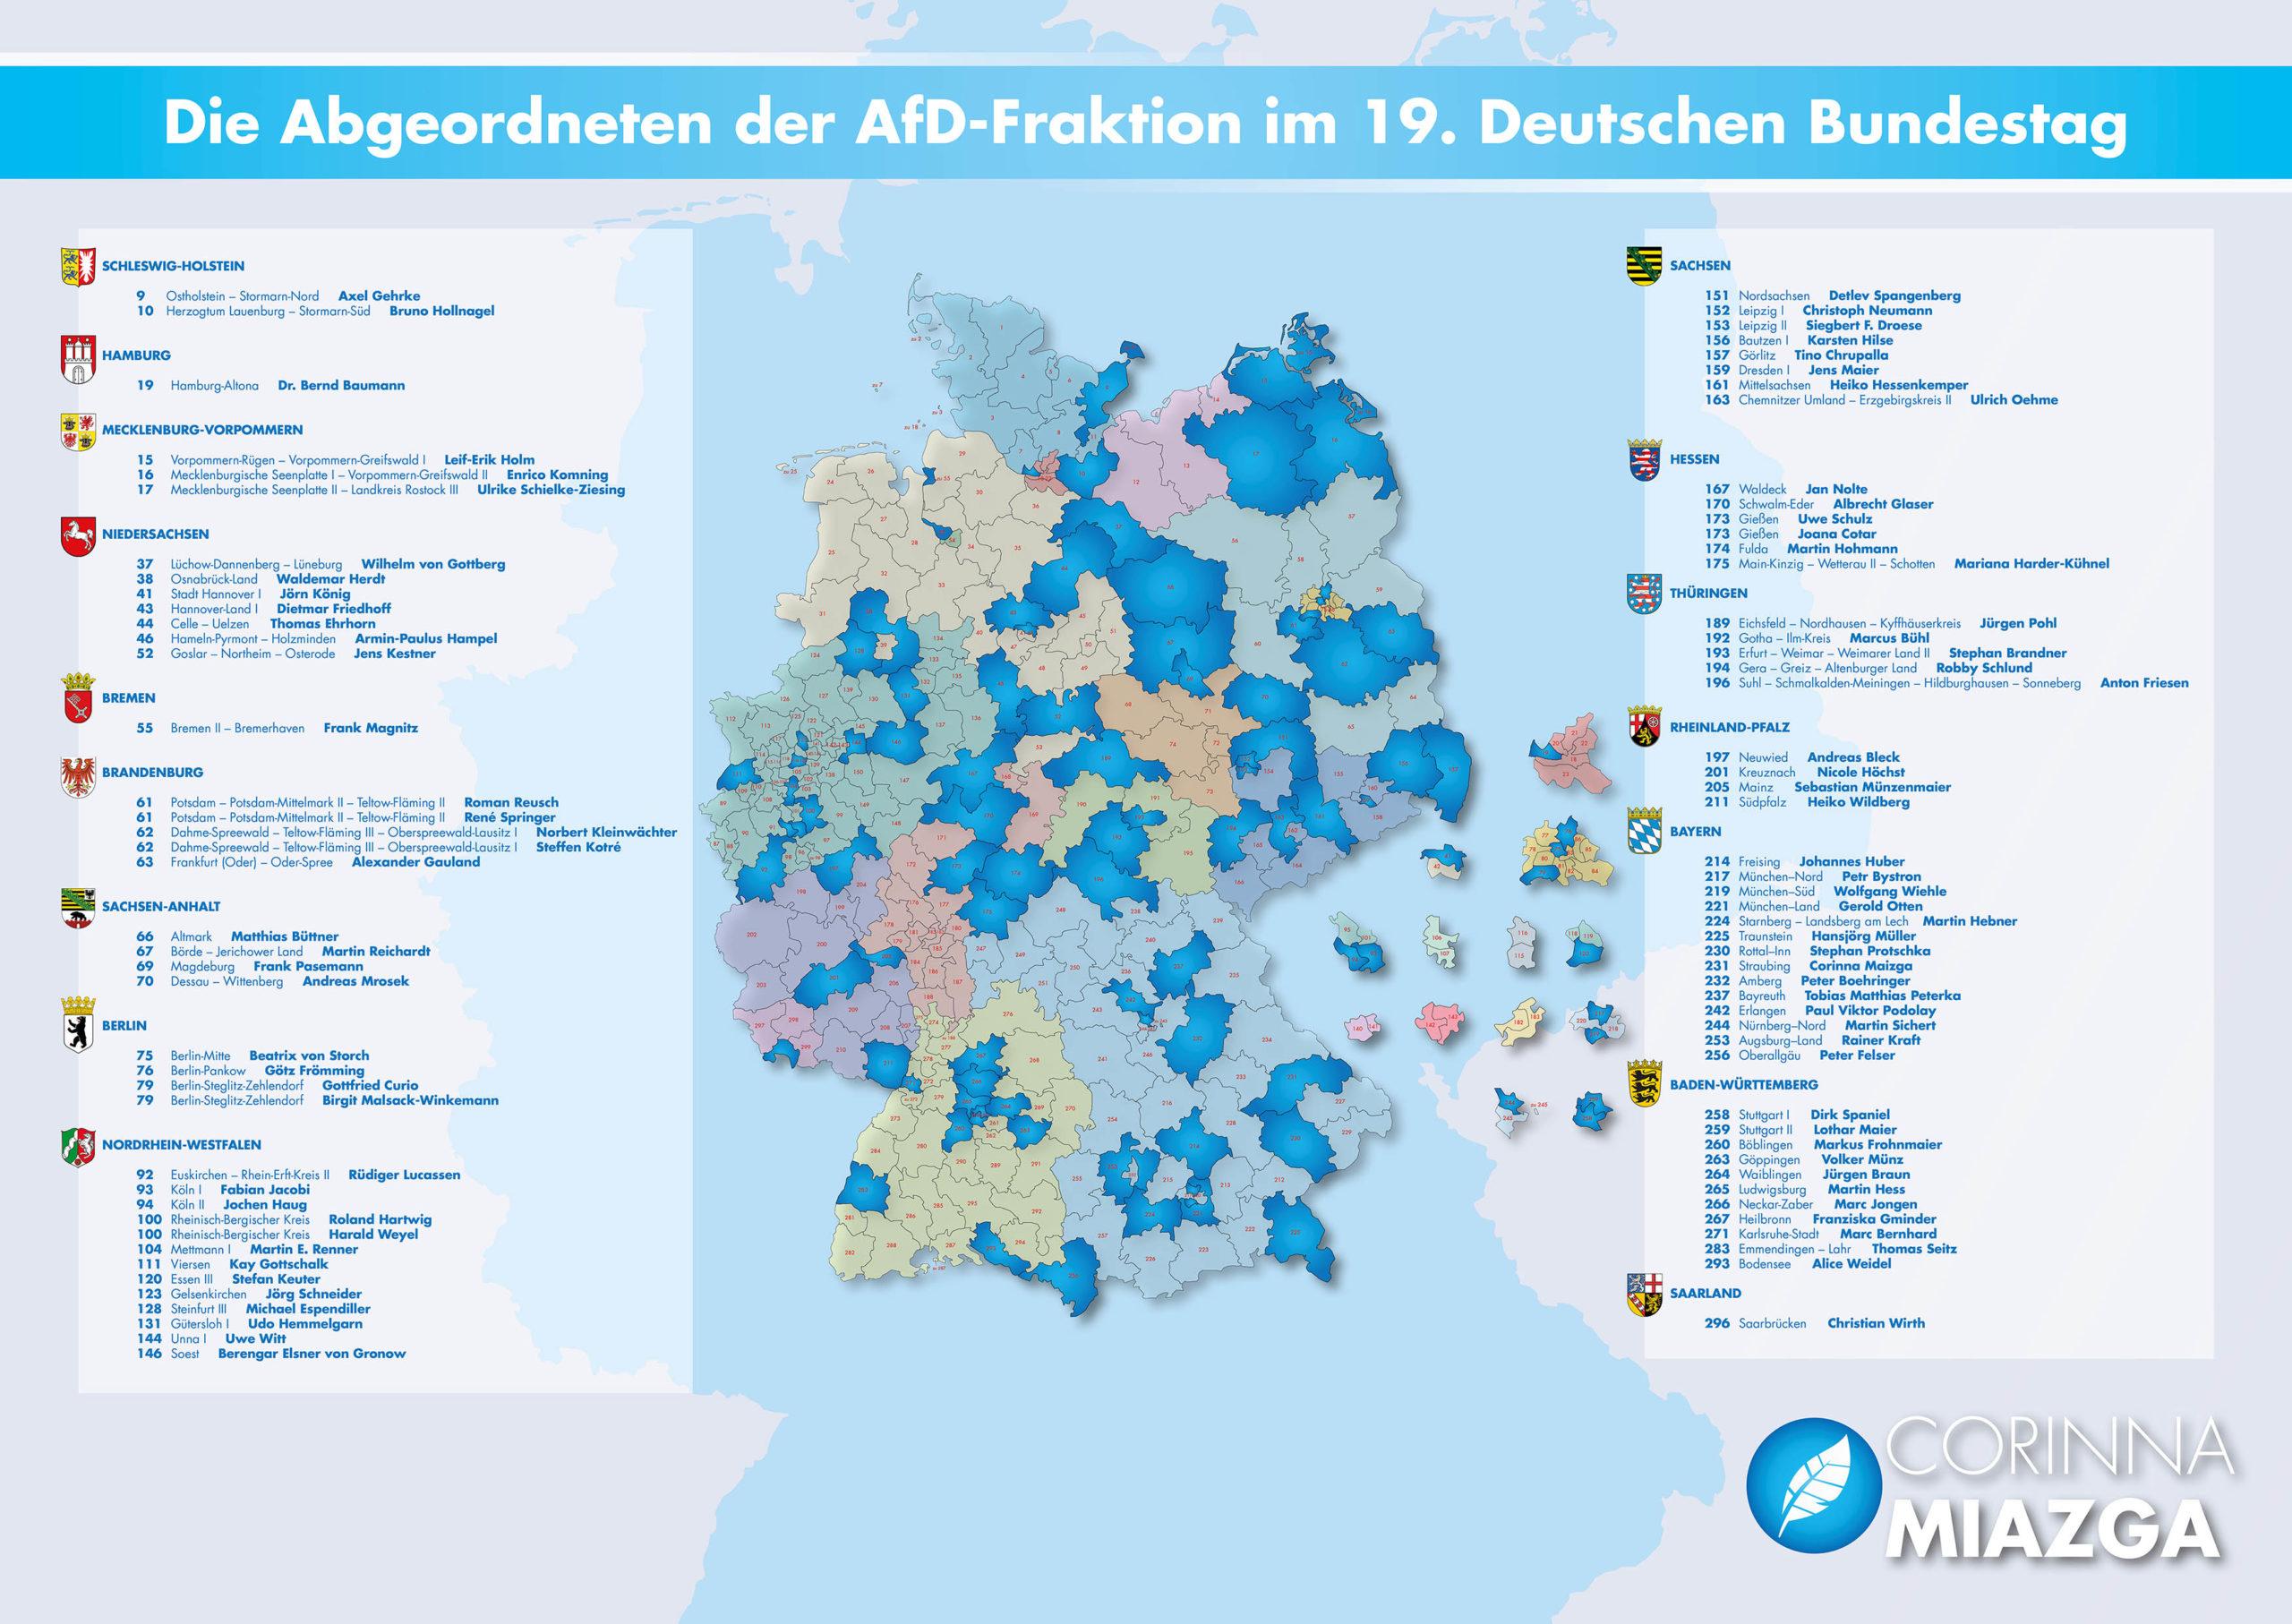 Bundestag Abgeordnete